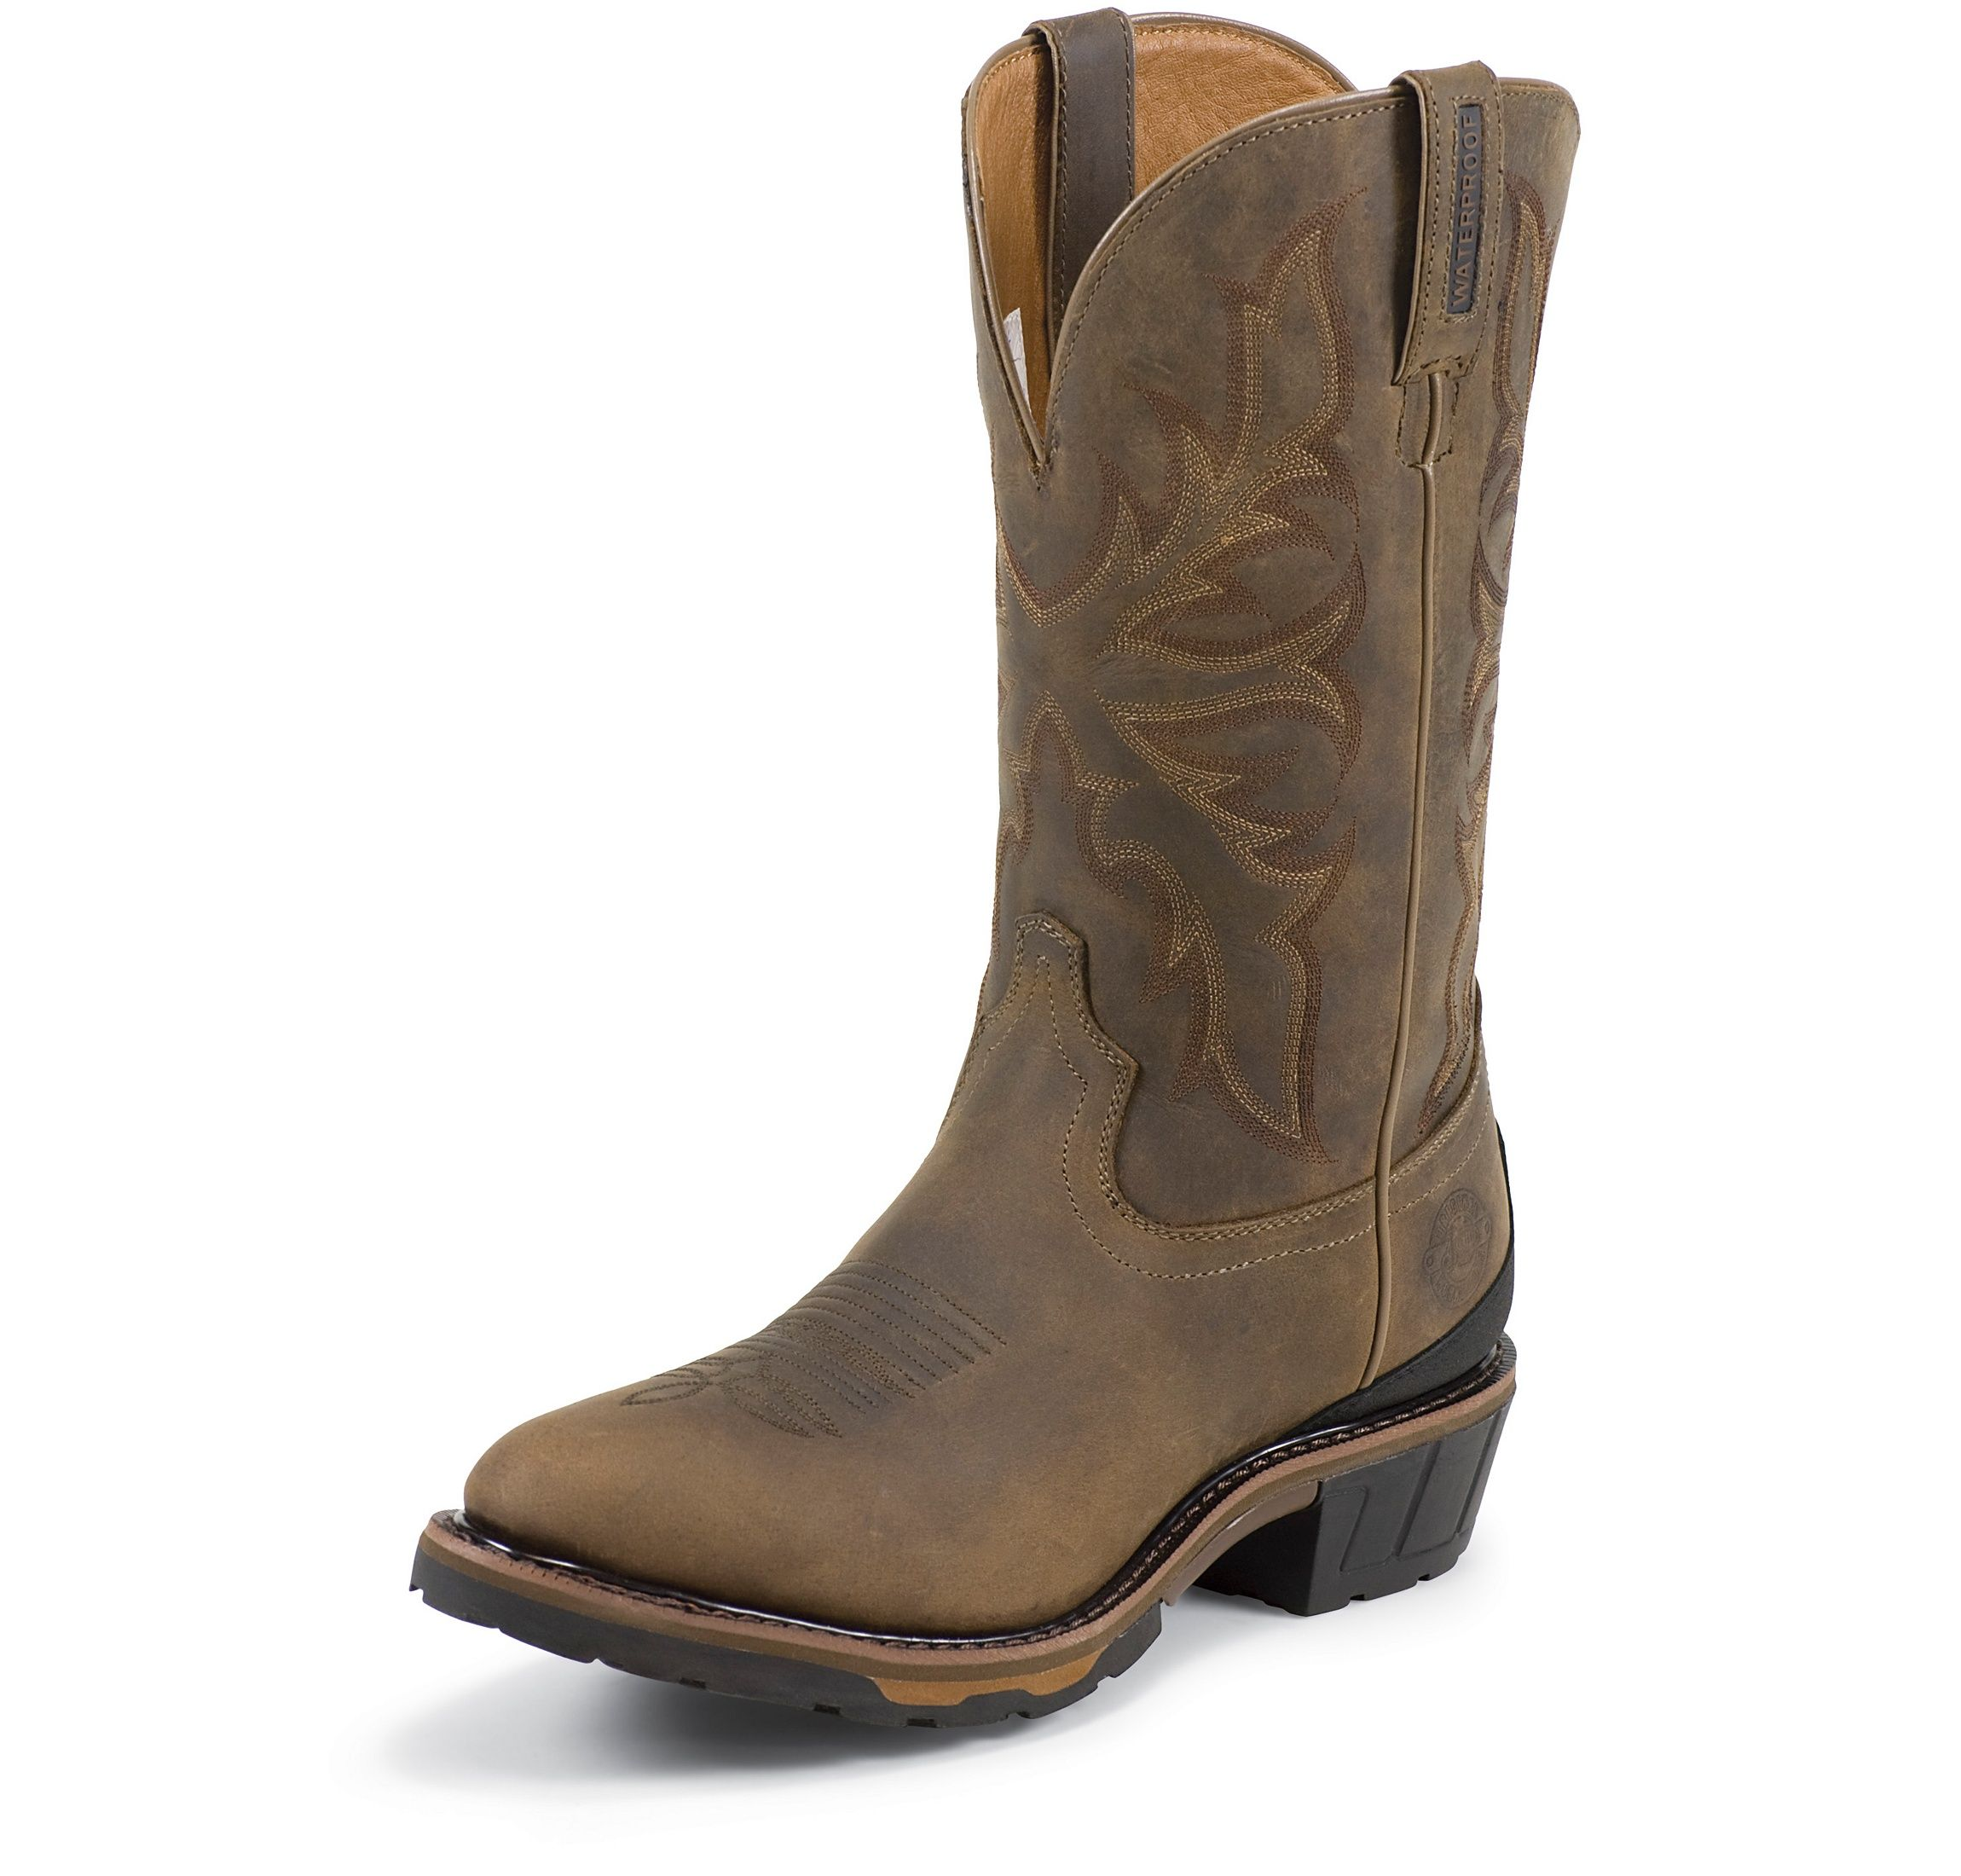 Justin Mens WK4936 Waterproof Western Work Boots